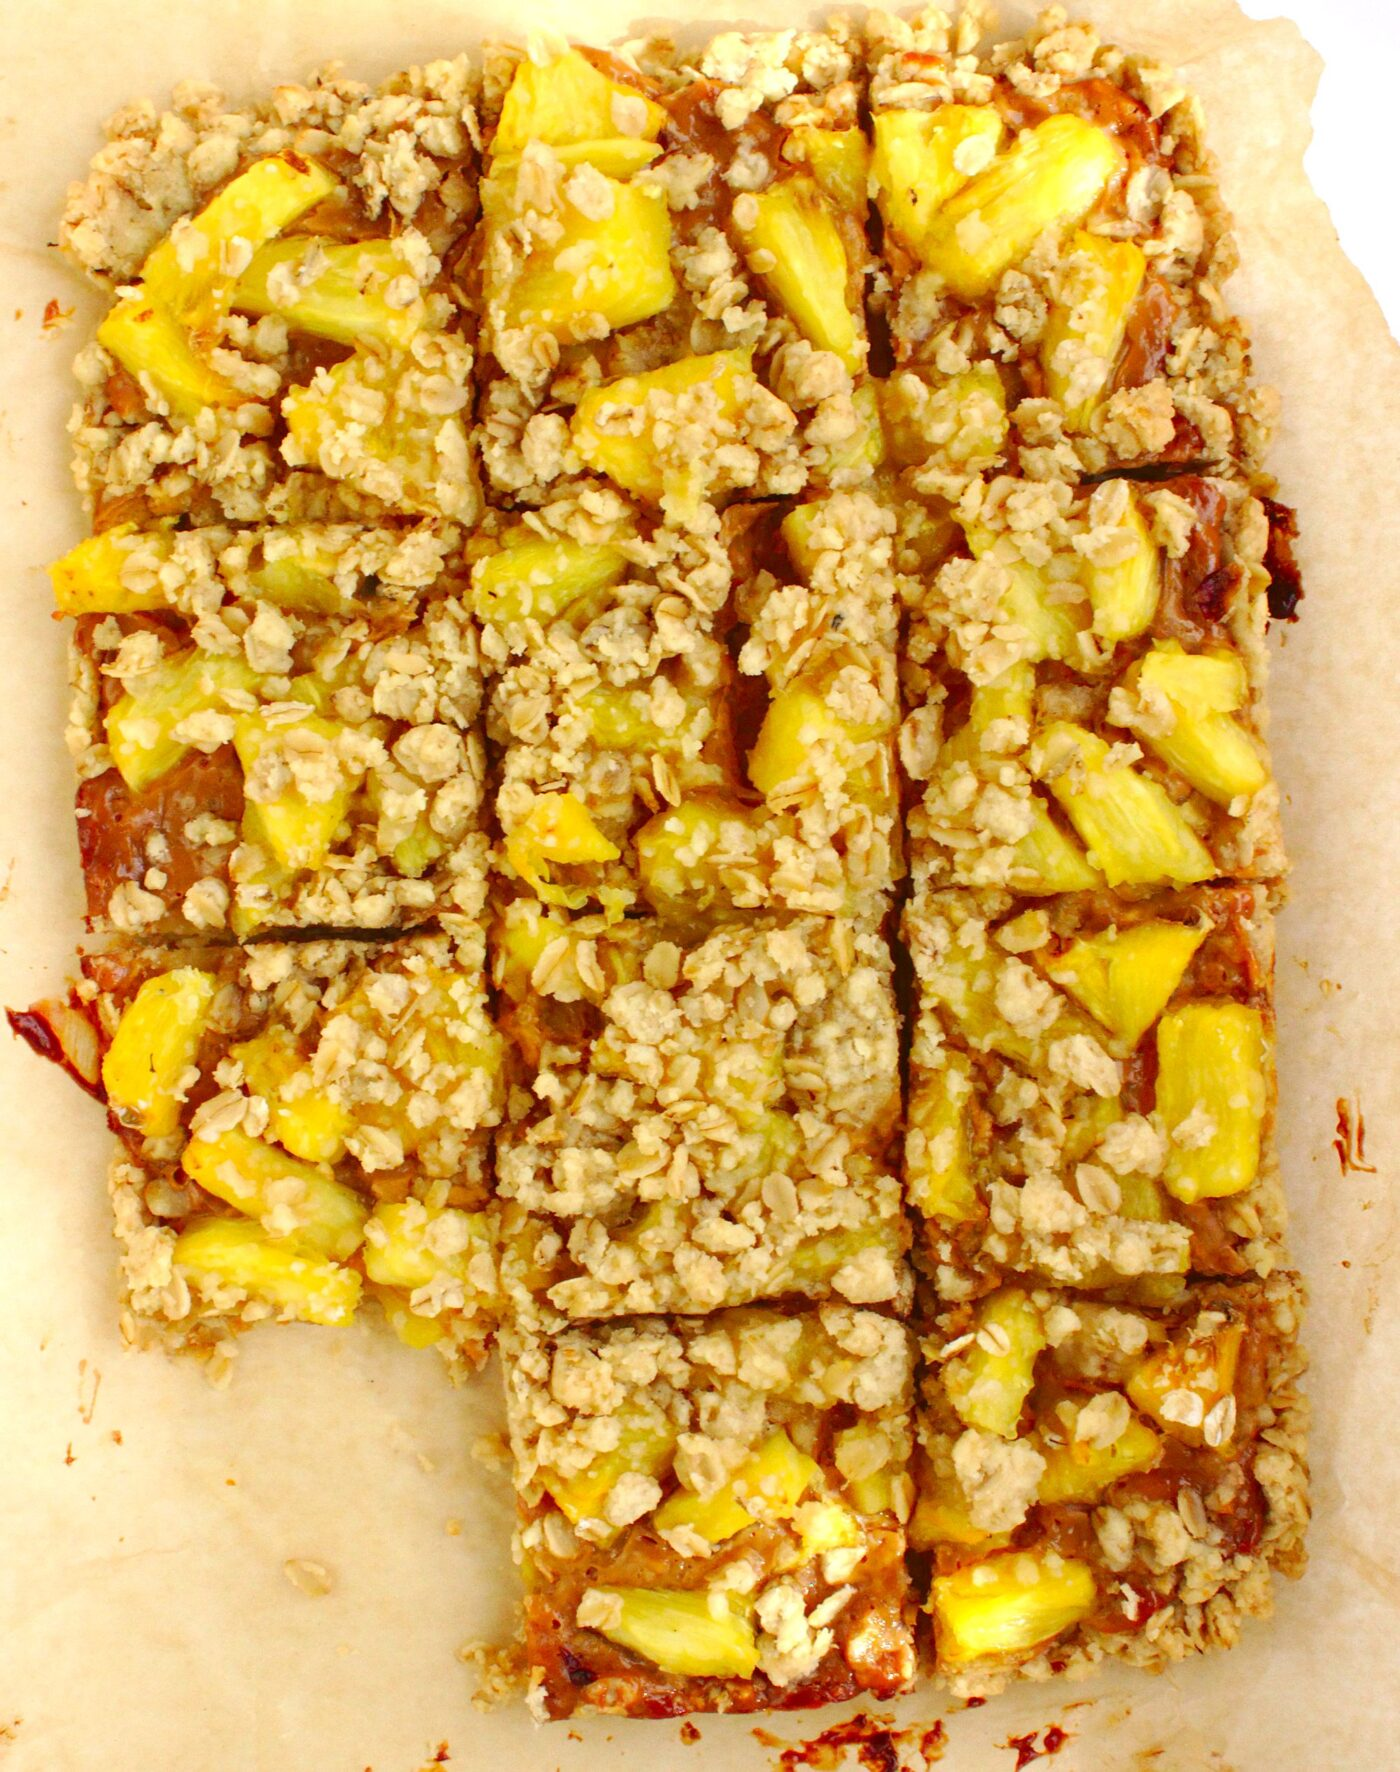 Łatwe ciasto krówka z ananasem